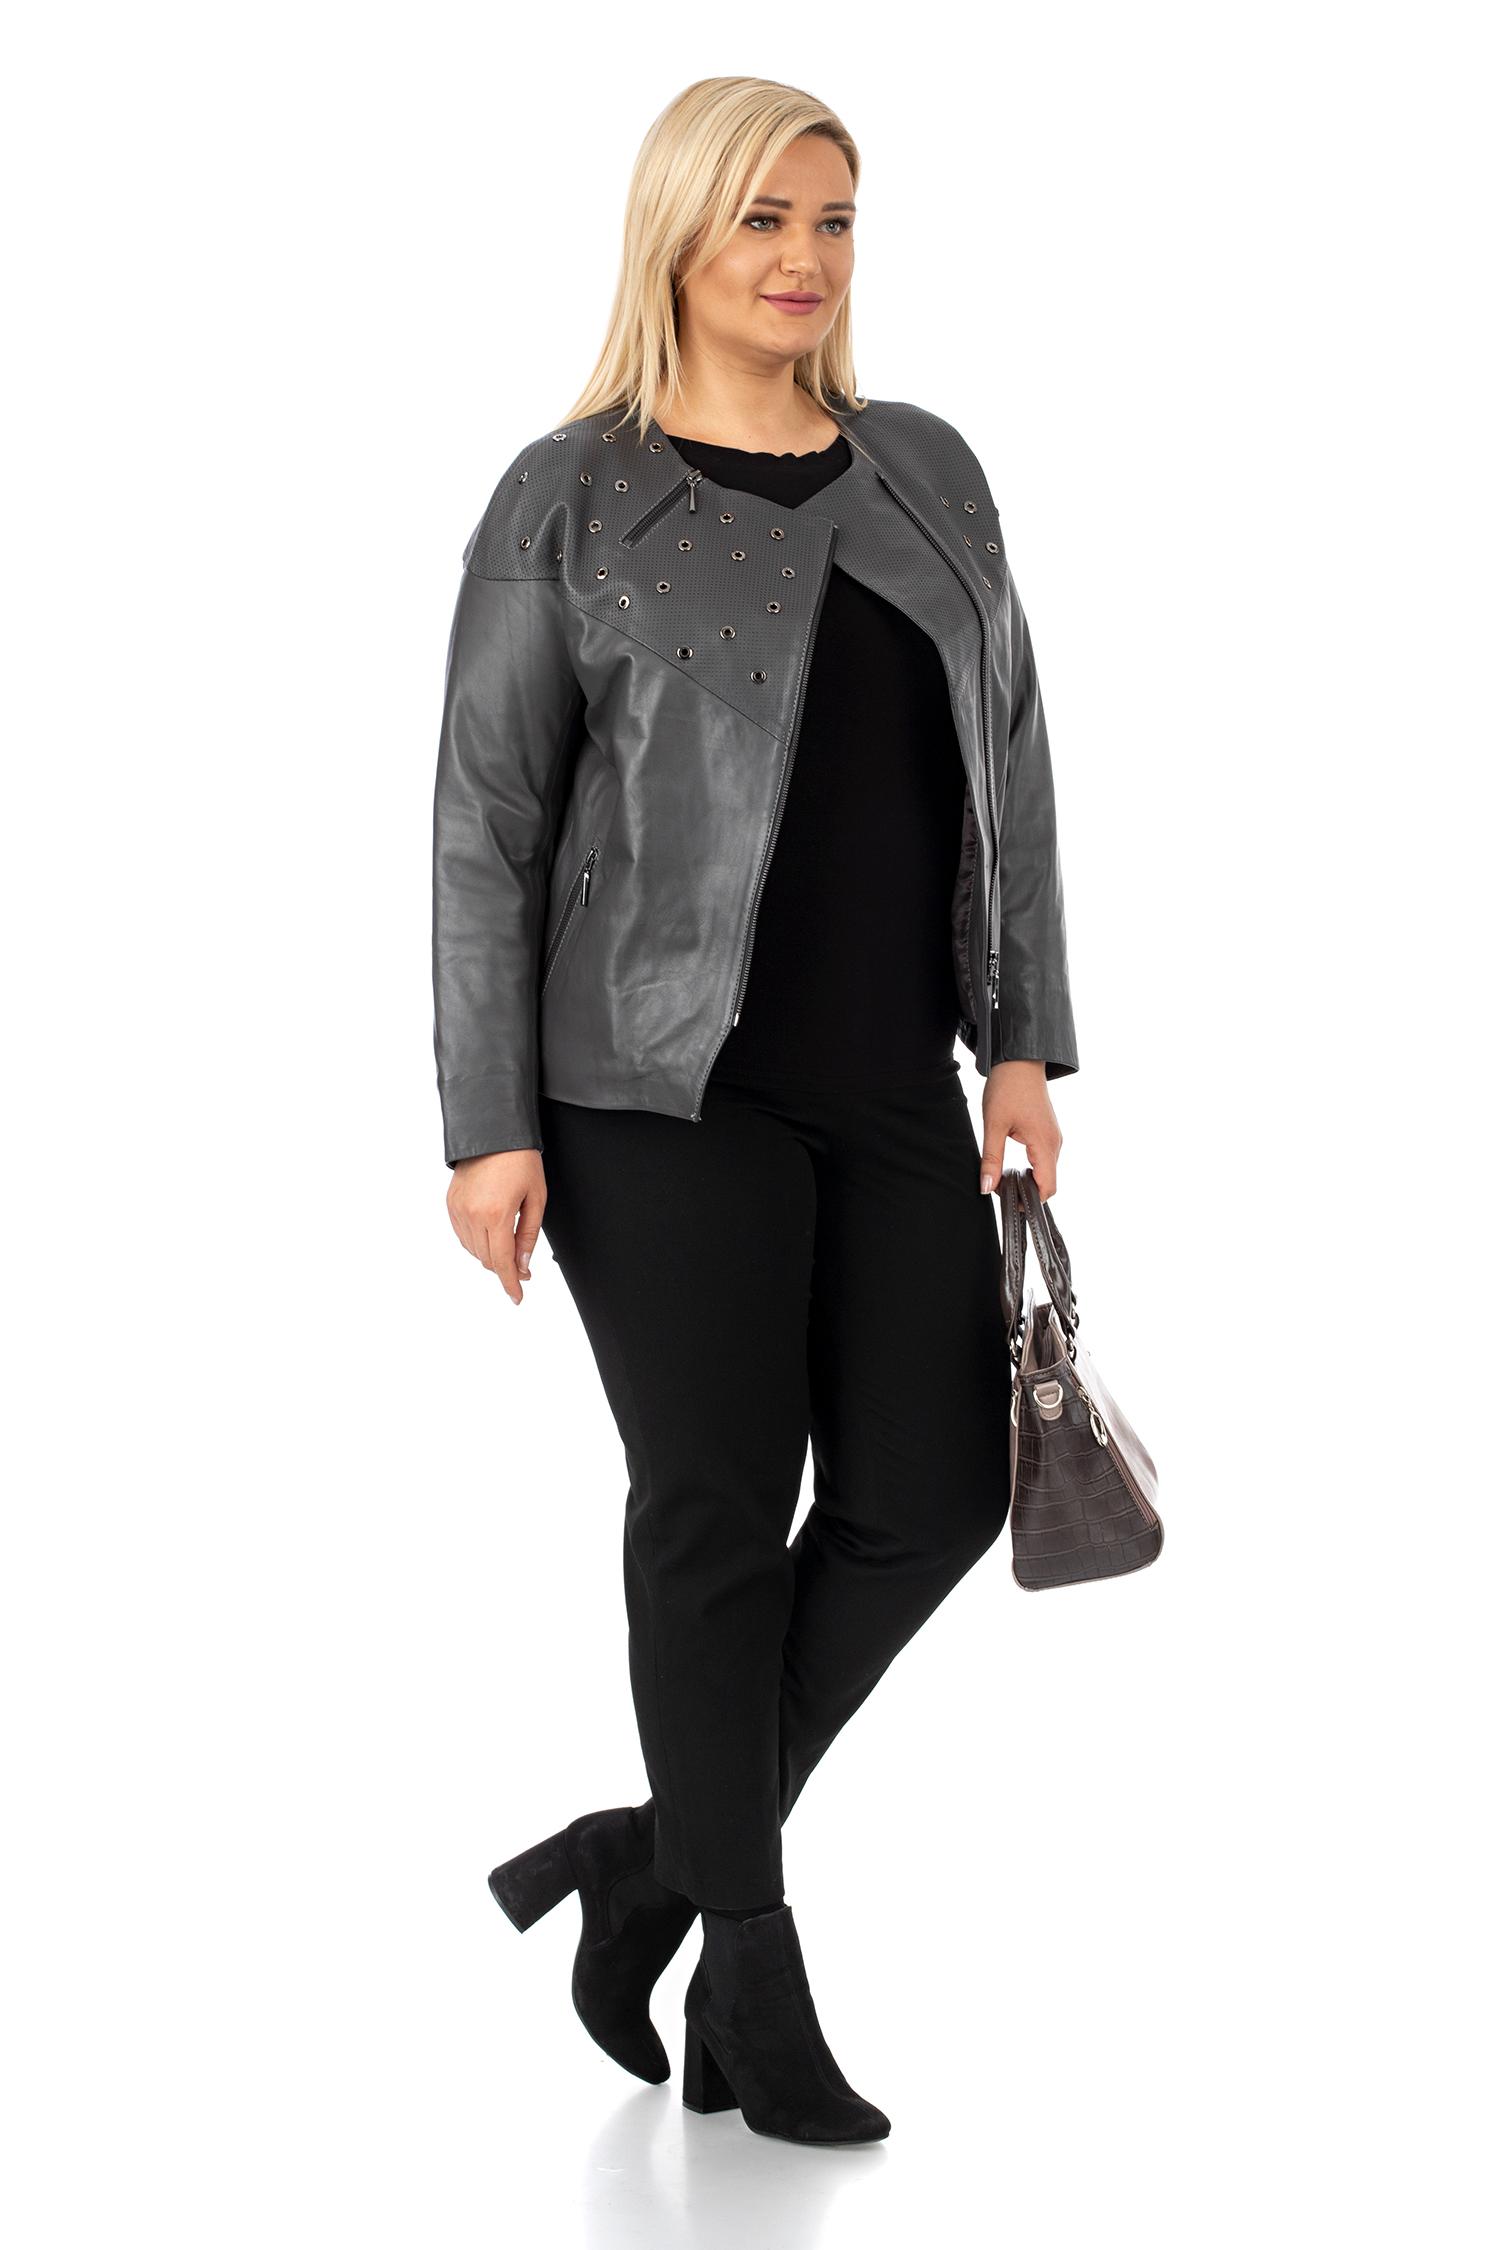 Фото 2 - Женская кожаная куртка из натуральной кожи без воротника от МОСМЕХА серого цвета